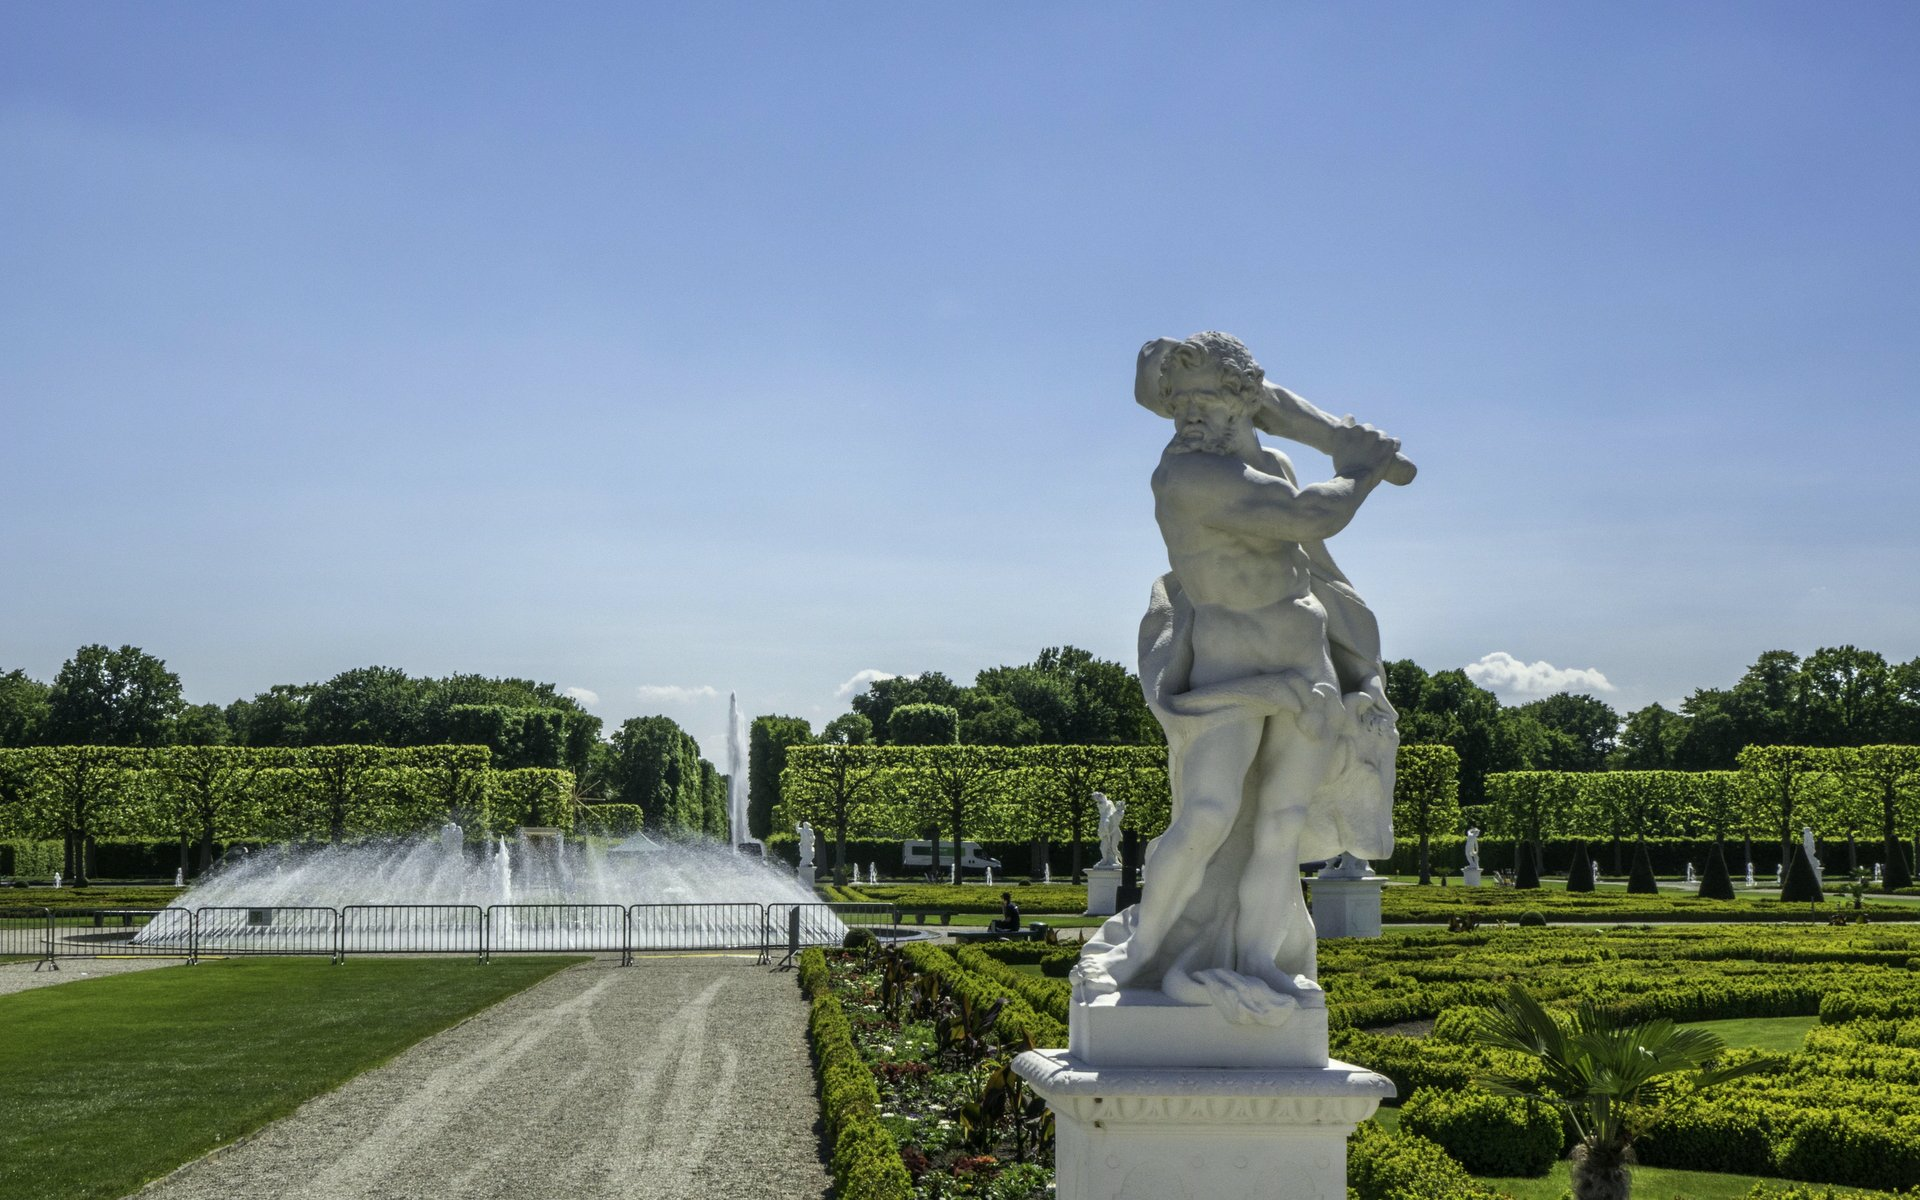 Herkules mit Stier im Parterre des Großen Gartens